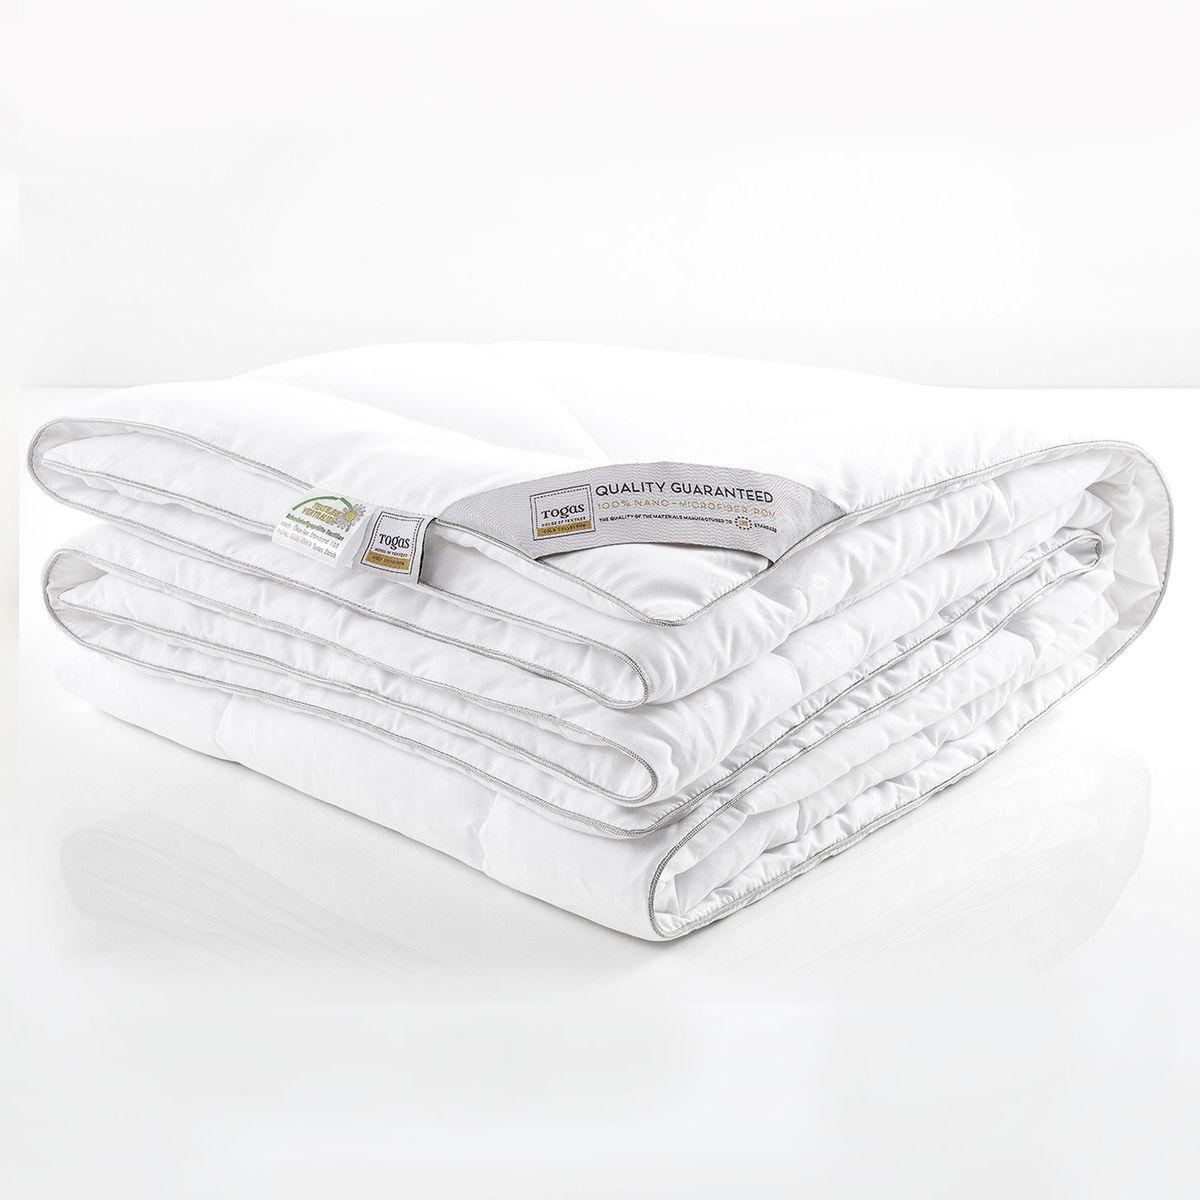 """Одеяло Нано микрофайбер с микрогранулами нано, 140 х 200 см. 20.04.12.001320.04.12.0013Комфортная темпетатура тела во время сна - важная составляющая комфорта. В идеальных условиях тело расслабляется и по-настоящему отдыхает, как результат - Вы просыпаетесь отдохнувшим и бодрым, готовым к новым свершениям. """"Микрофайбер с микрогранулами НАНО"""" - одеяло с """"климатконтролем"""". Оно «подстраивается» под различные температурные условия, регулируя температуру тела во время сна и наполняя Вас ощущением легкости и комфорта."""